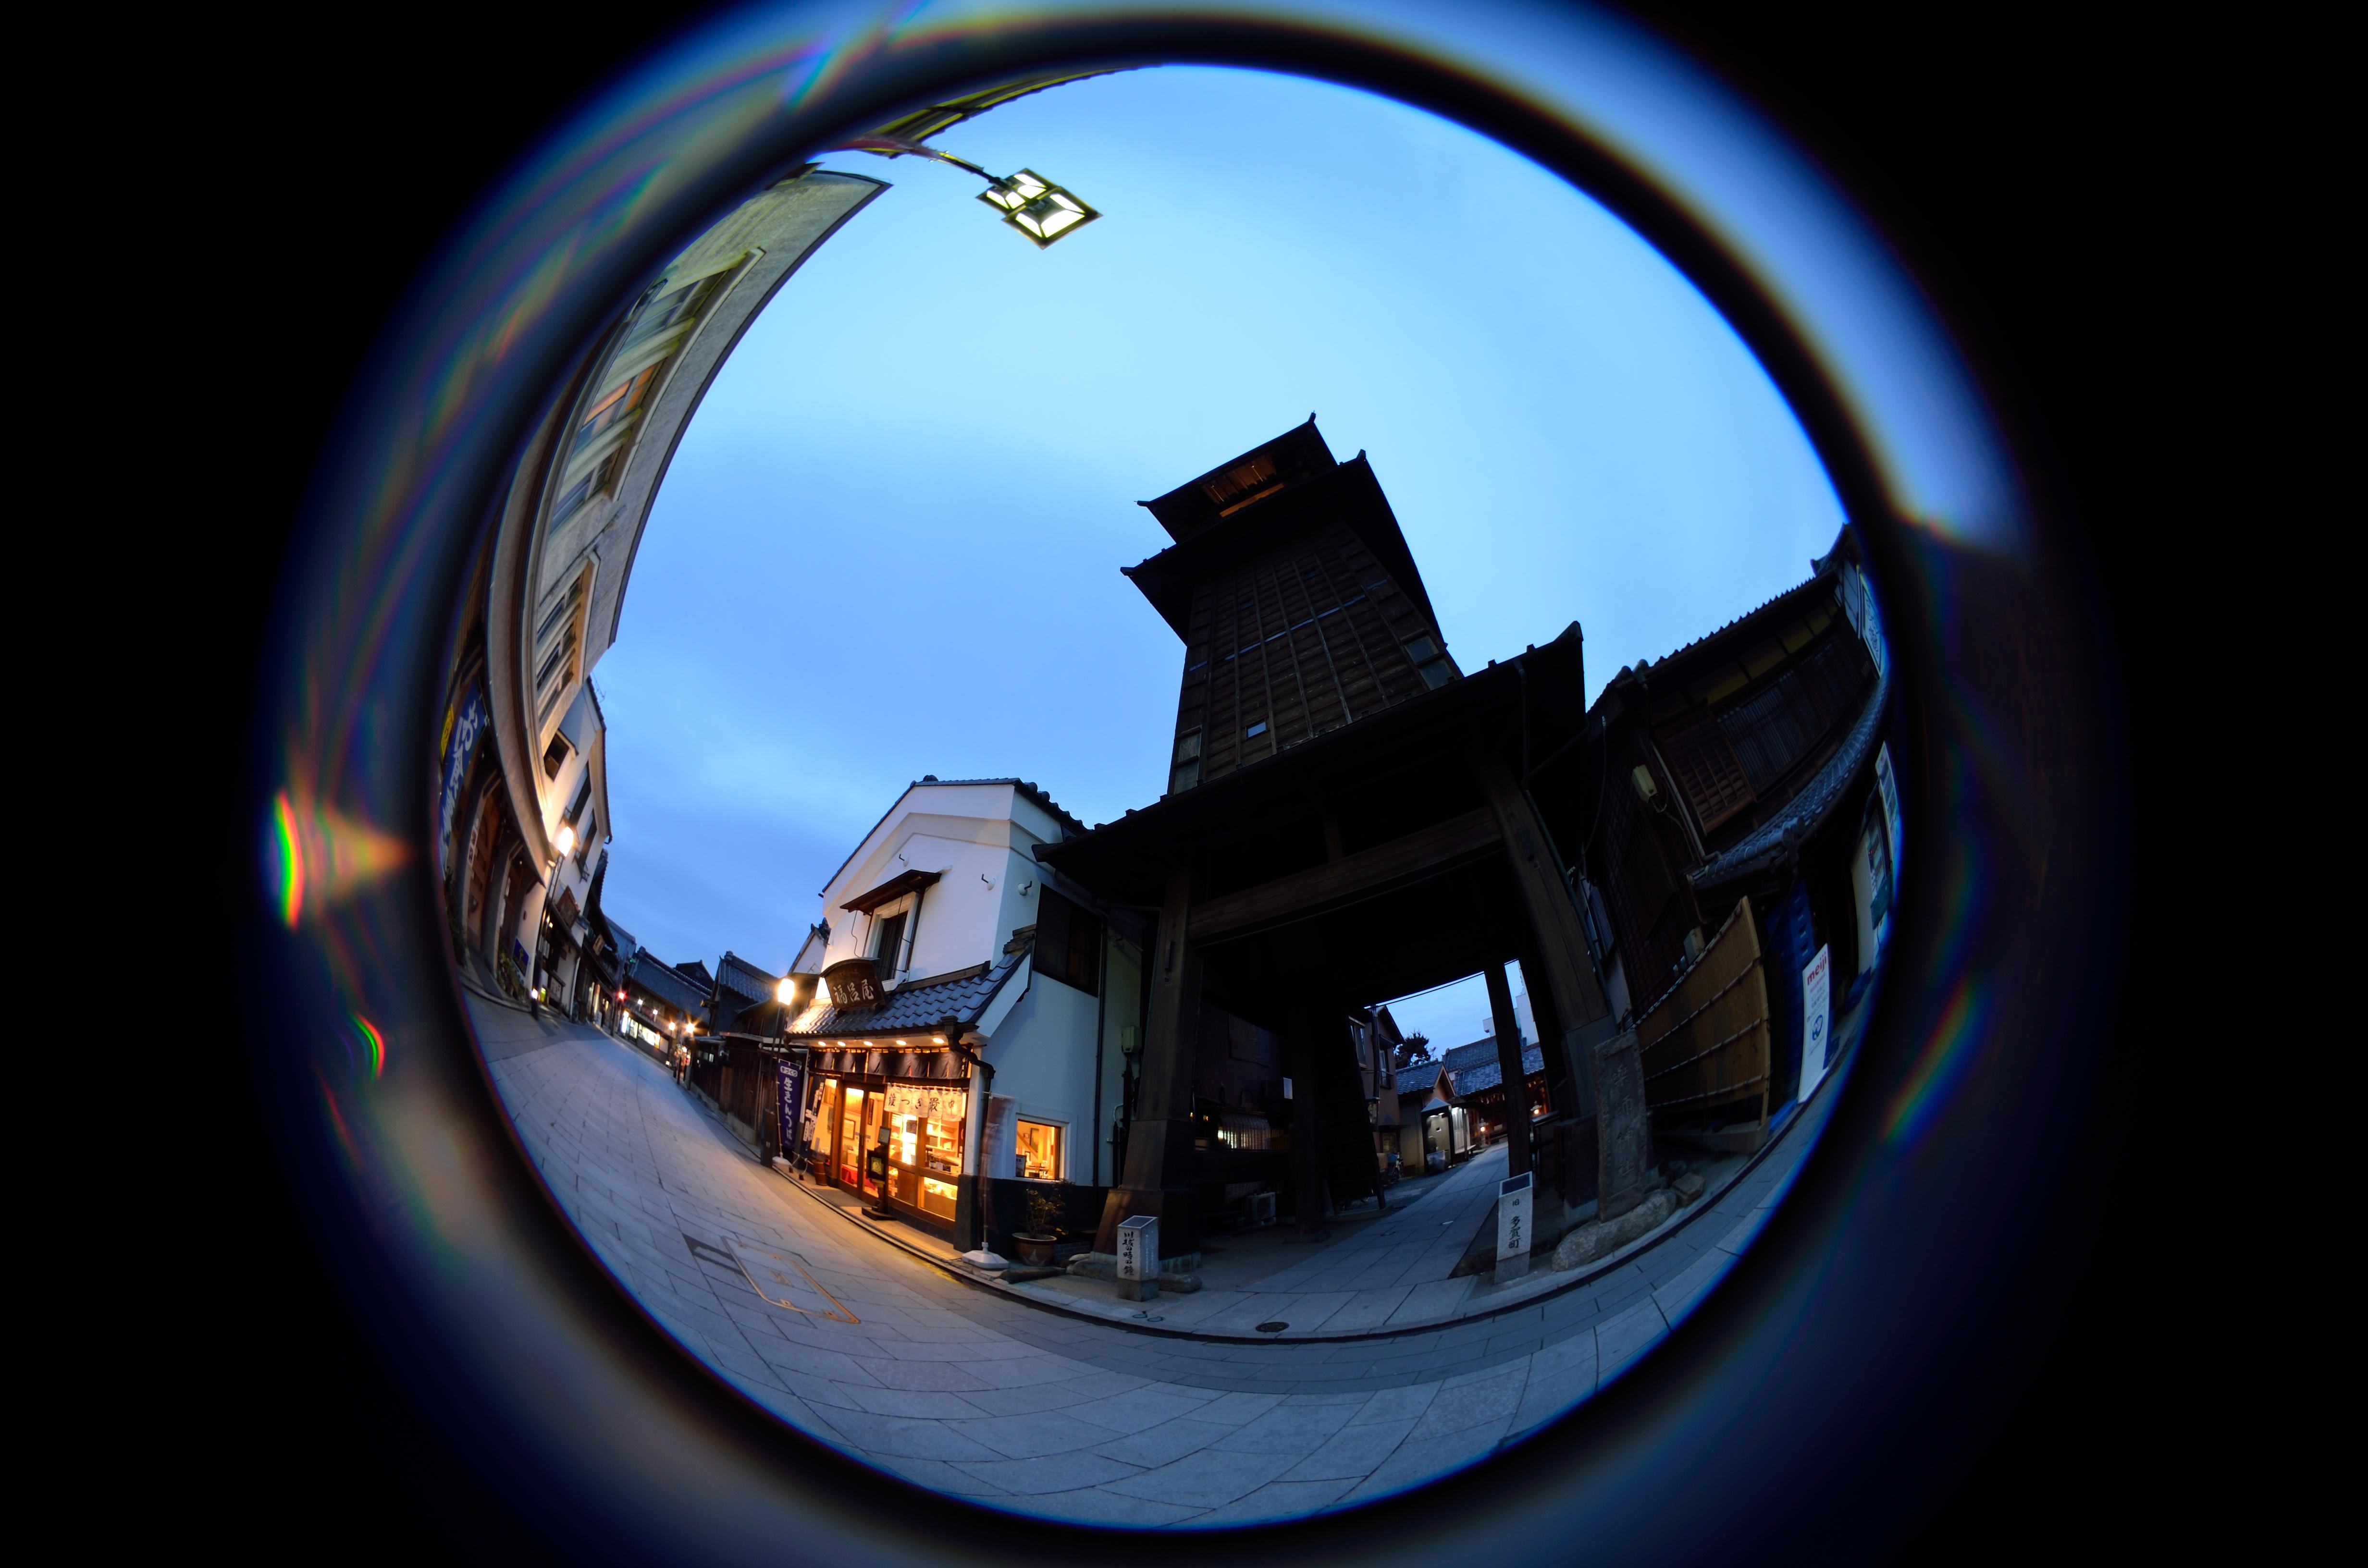 時の鐘の前で日没を待って撮影した。街灯や建物のゆがみ方が魚眼レンズならではの雰囲気をかもしだす